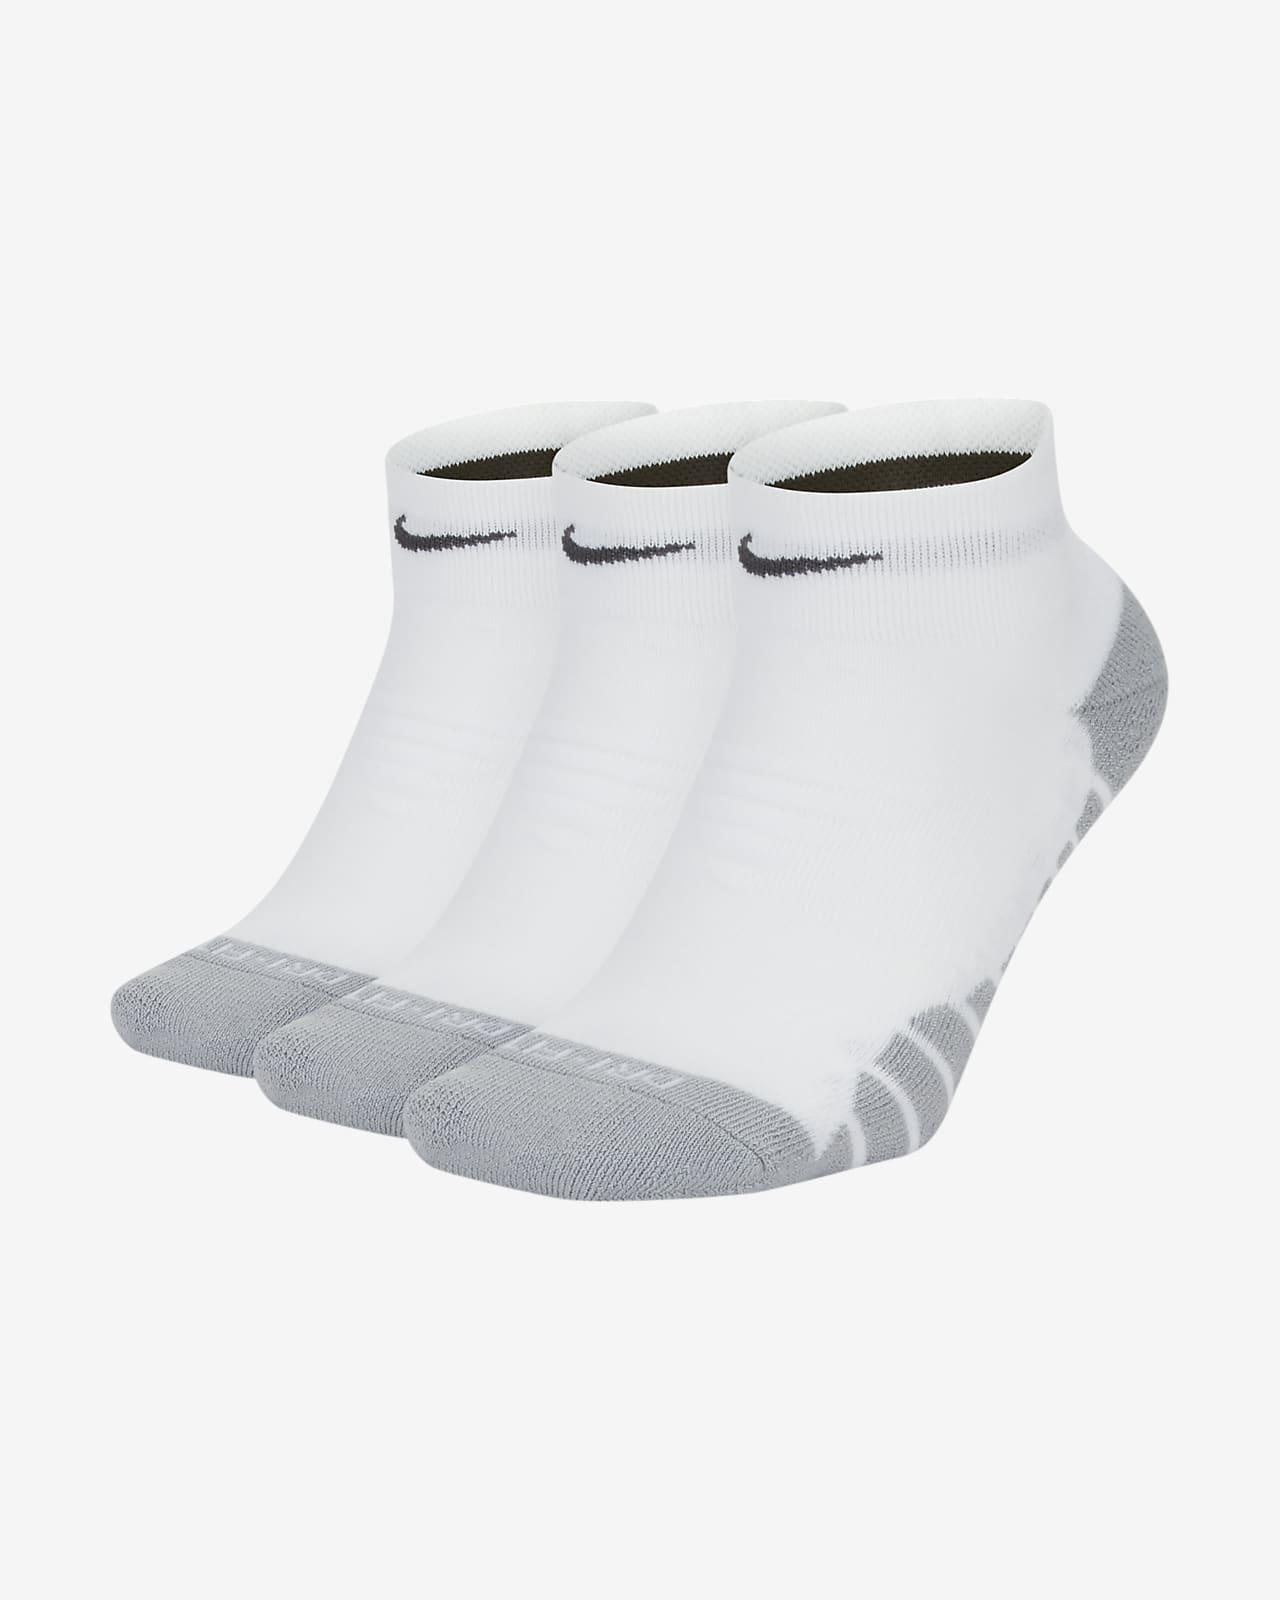 Calcetines cortos de entrenamiento para mujer Nike Everyday Max Cushion (3 pares)